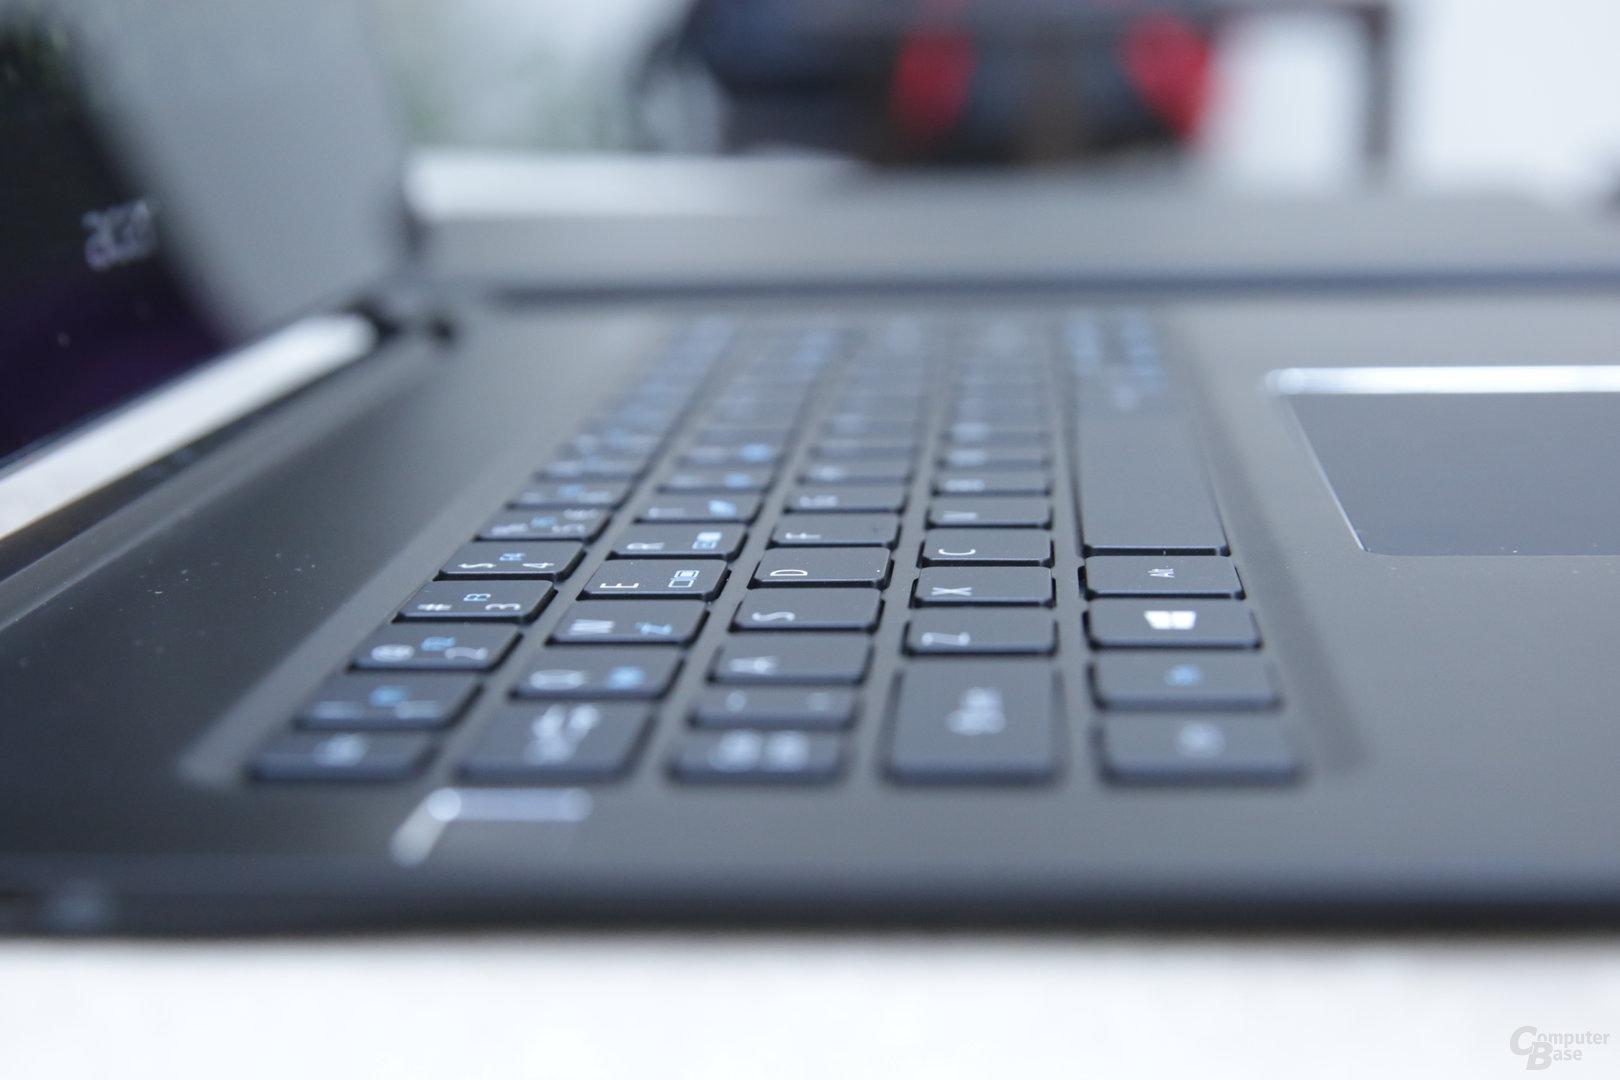 Tastatur mit knapp 2 Millimetern Hub